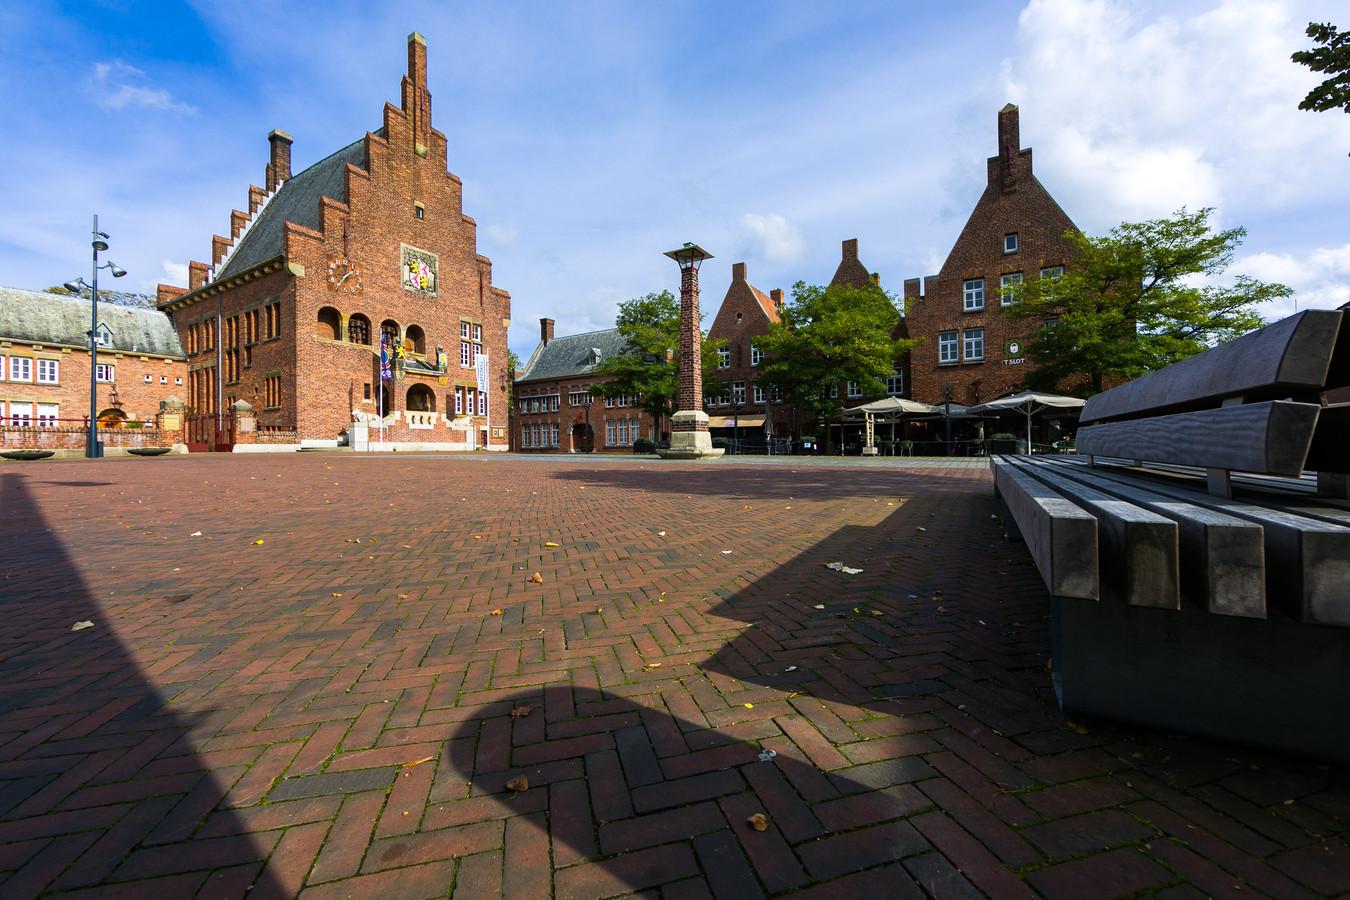 Het Krophollercomplex, met het Huis van Waalwijk als één van de meest prominente gebouwen.